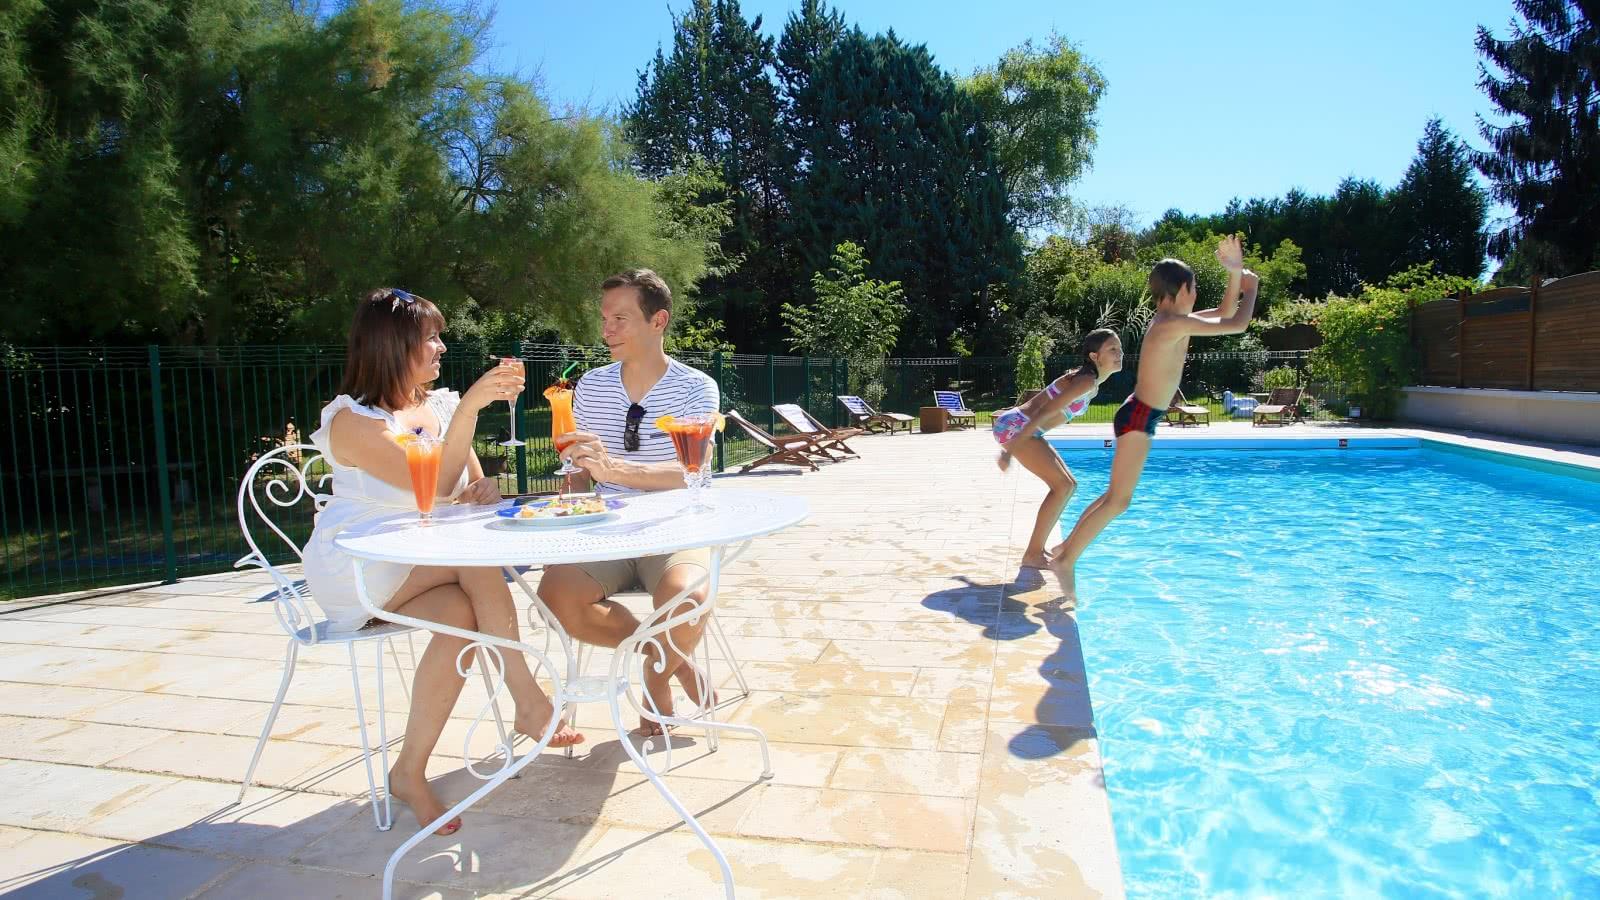 Vacances en famille en Loir-et-Cher Val de Loire ©ADT-Ludovic Letot